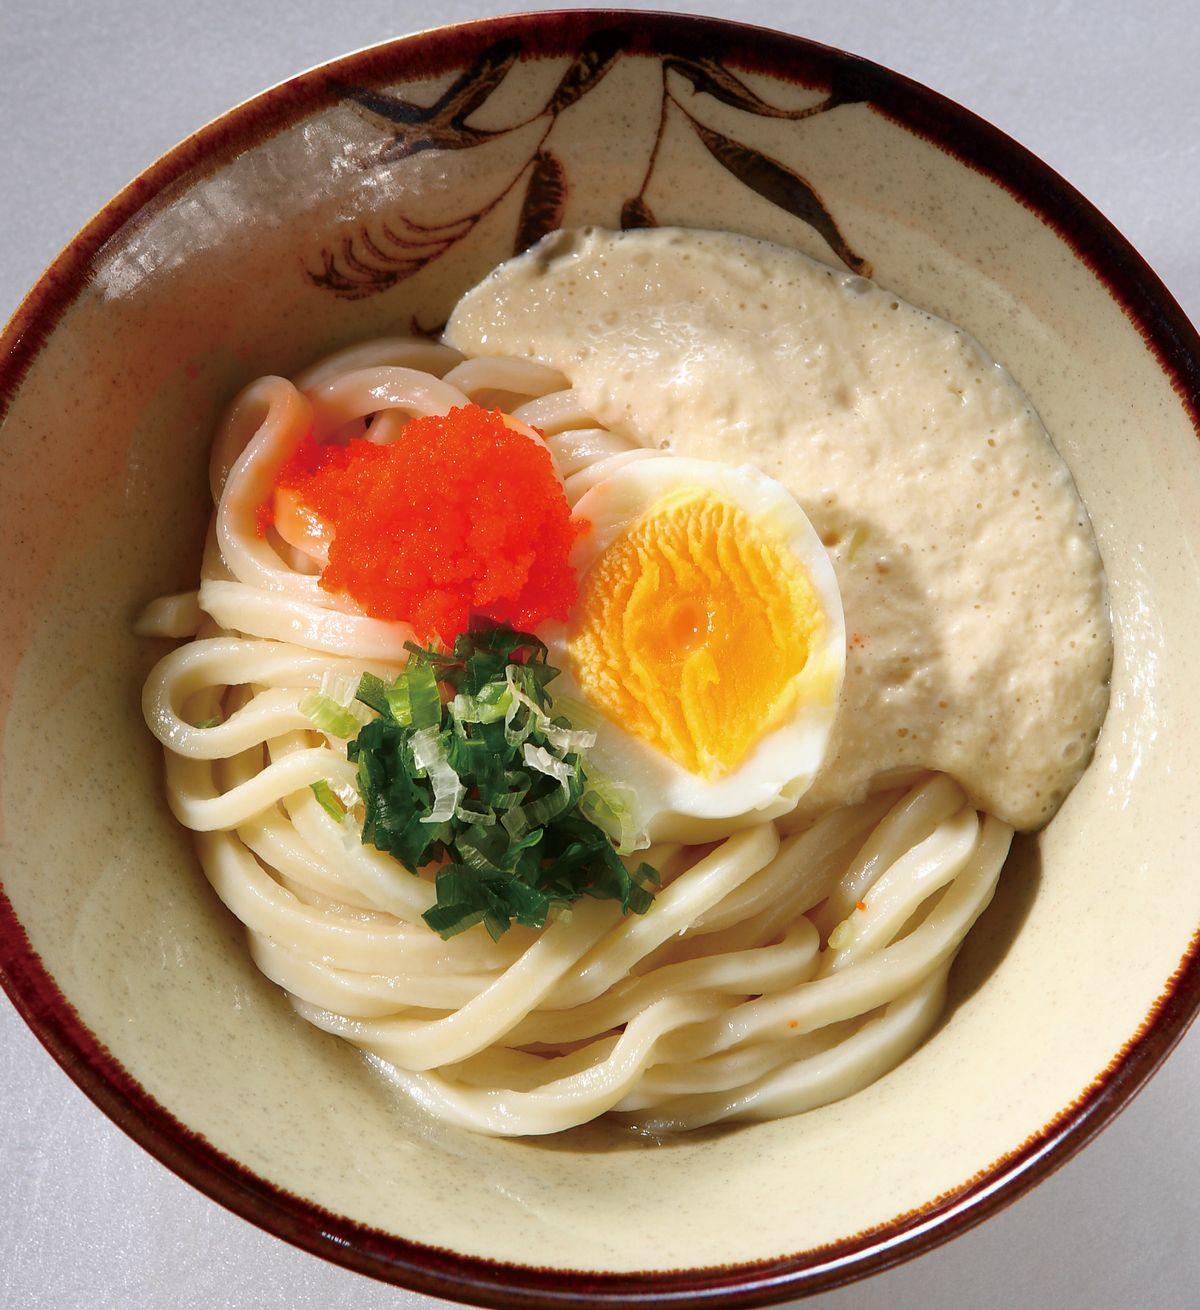 食譜:明太子山藥泥半熟蛋乾拌烏龍